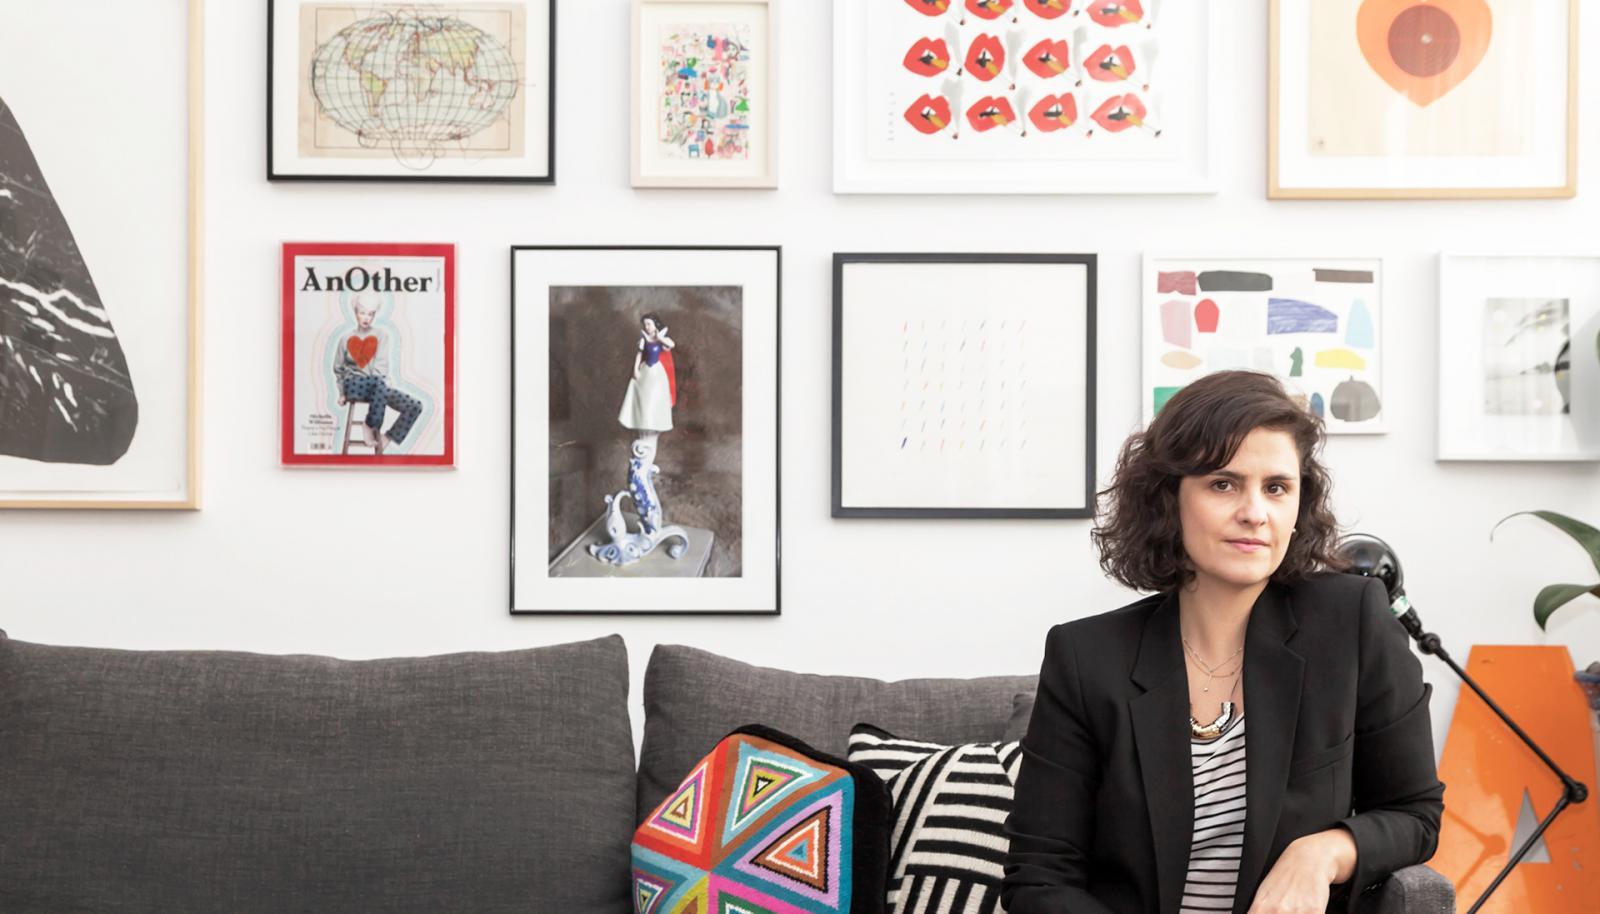 Nina Ricci и Ана Штрумпф: современный дизайнер для Дома моды